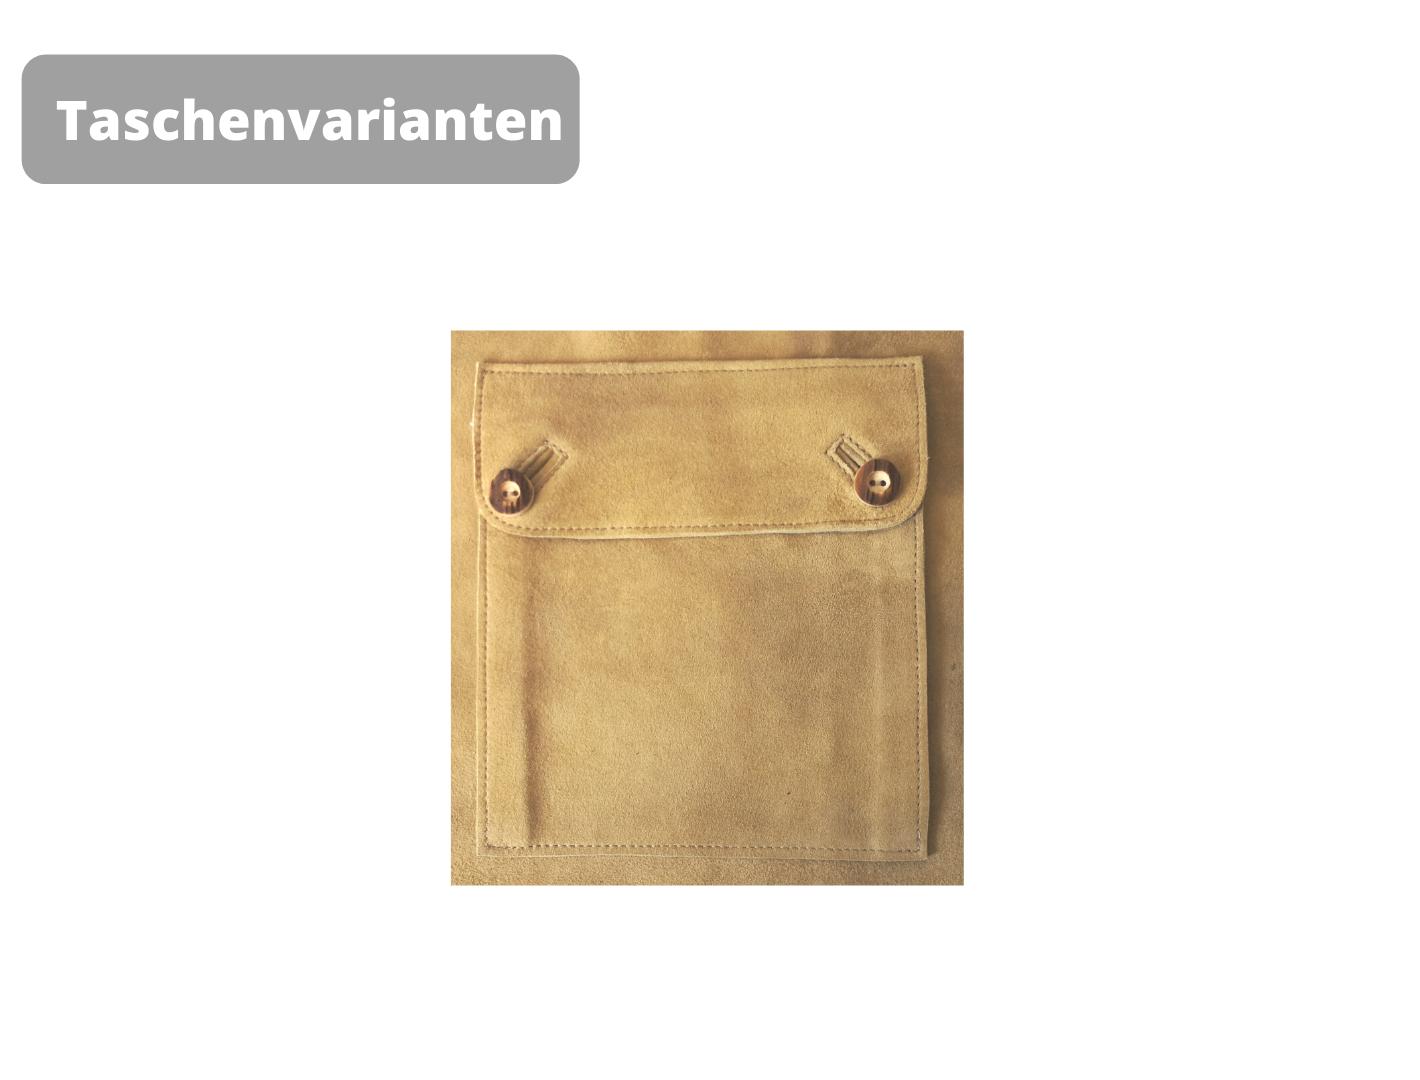 Taschenvariante Lederhose (8)